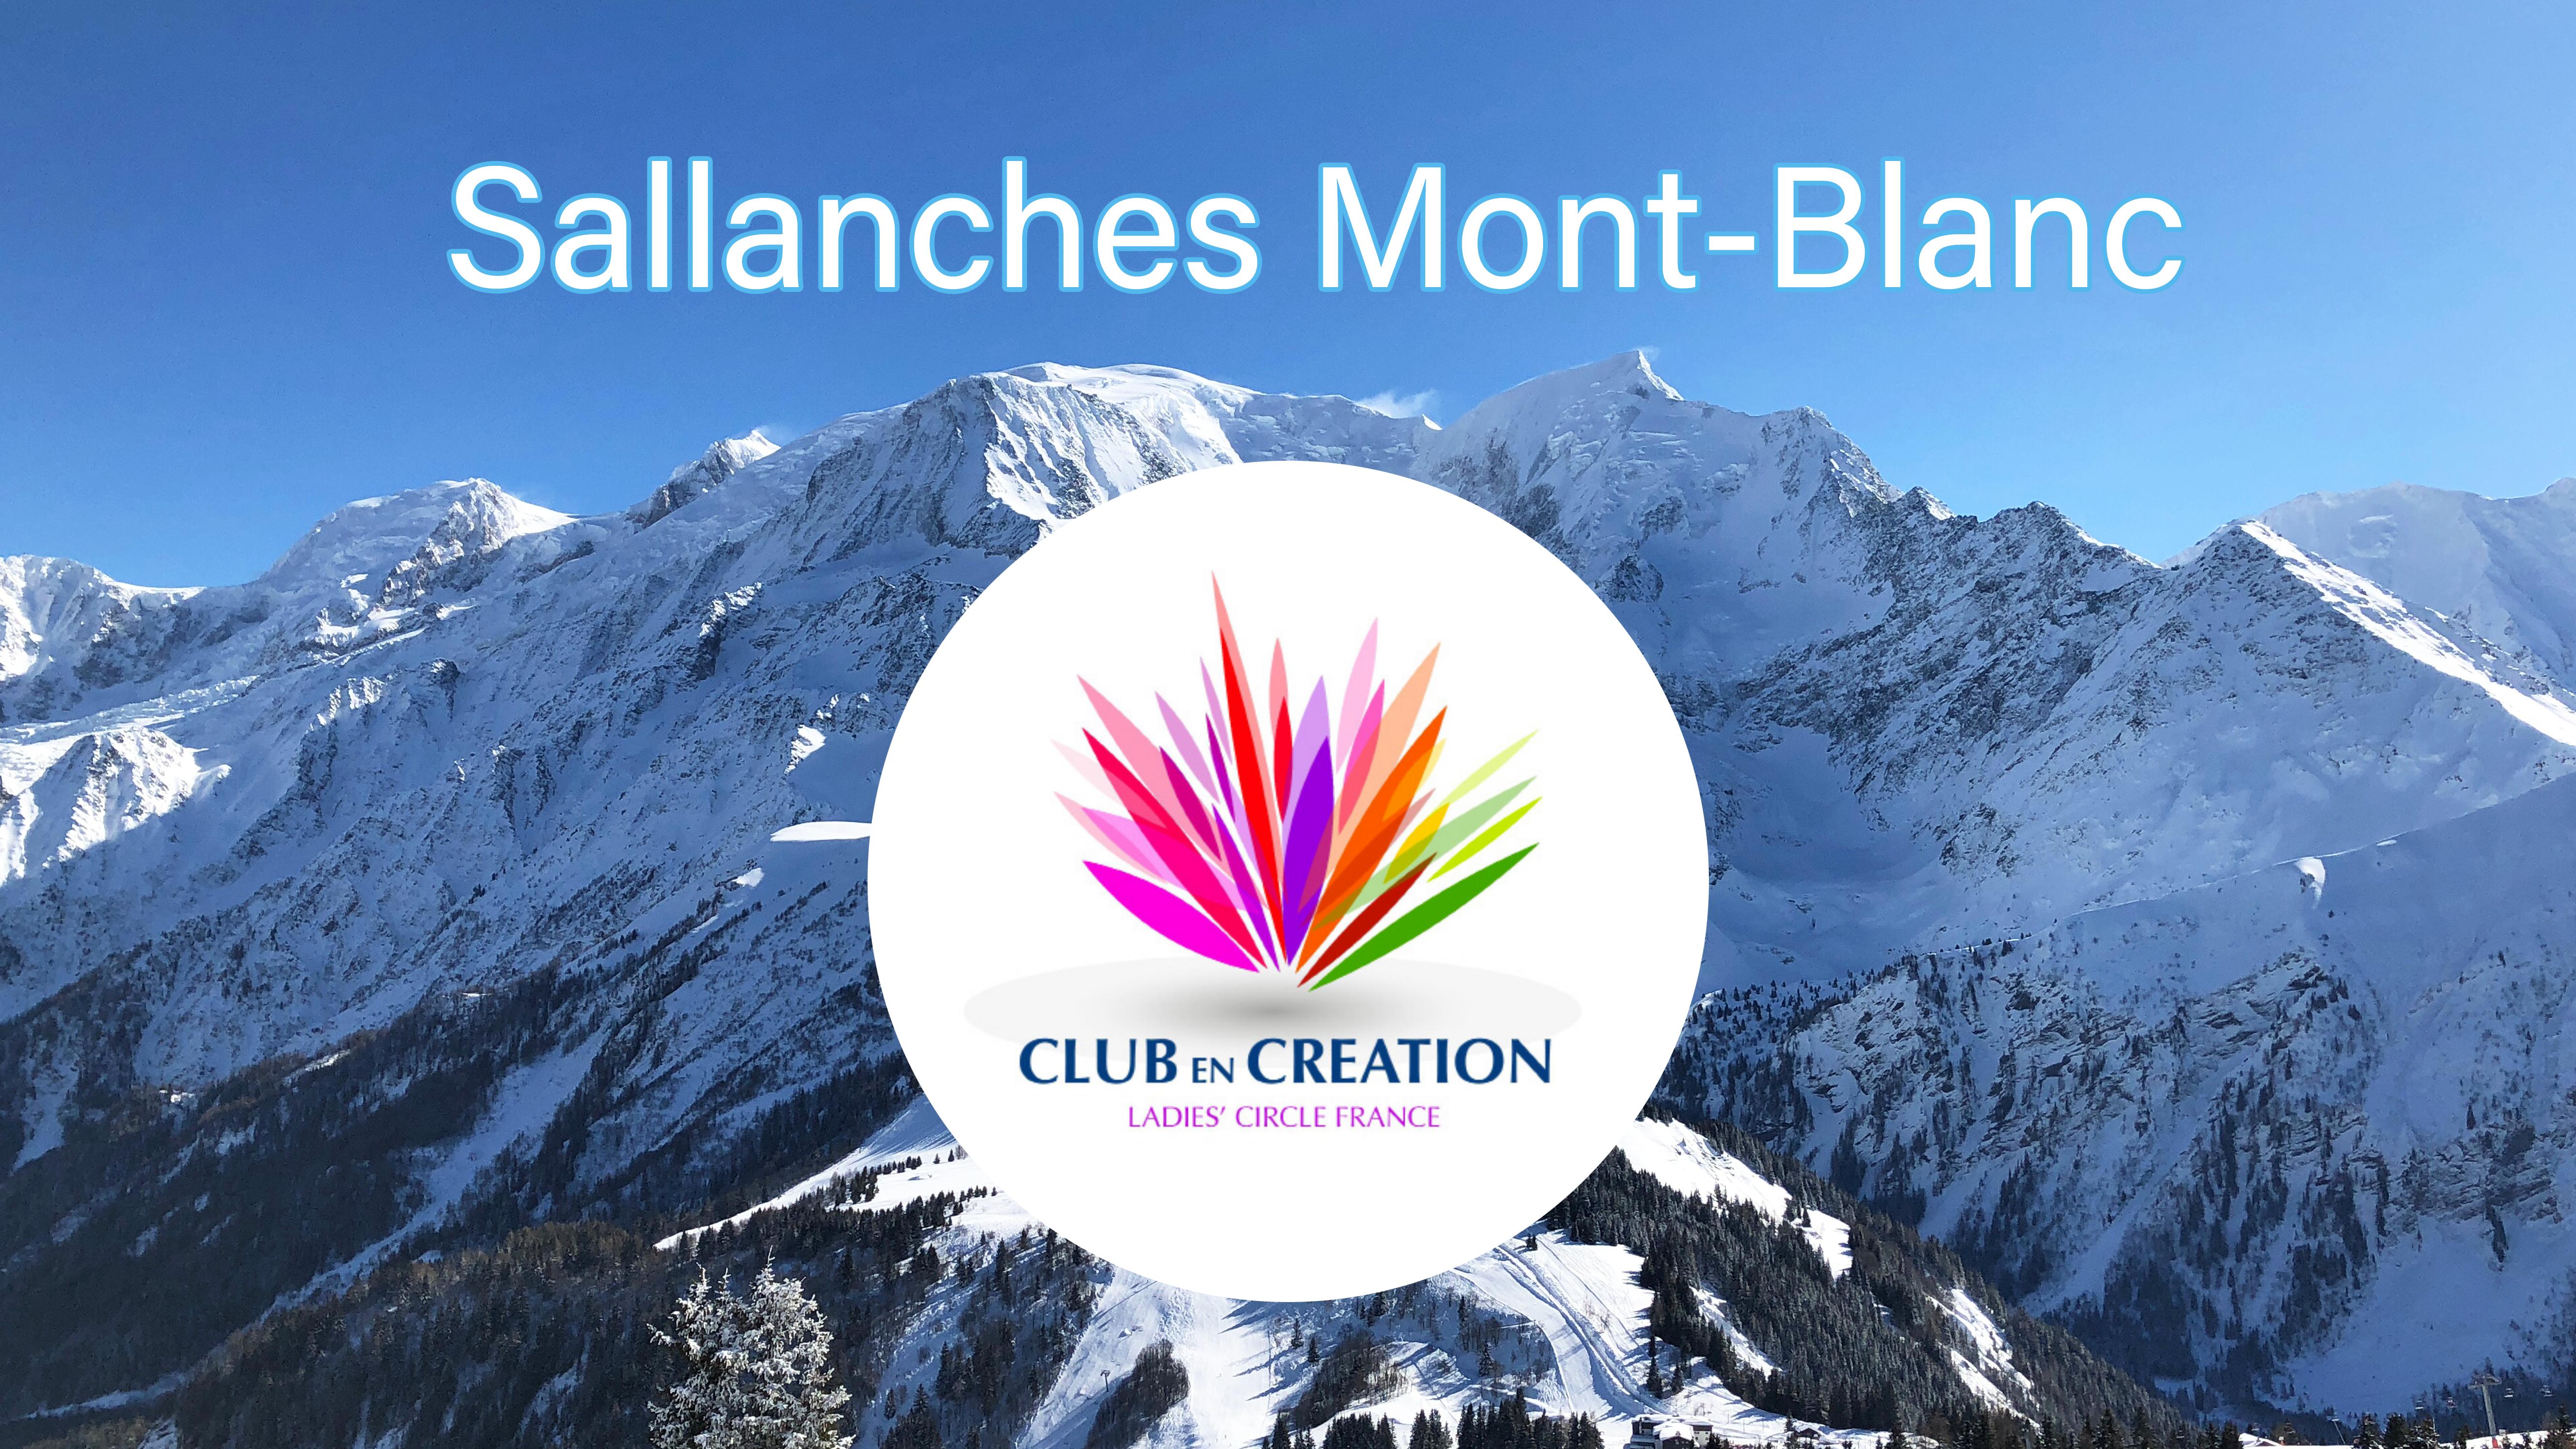 Sallanches Mont-Blanc : Un club en création